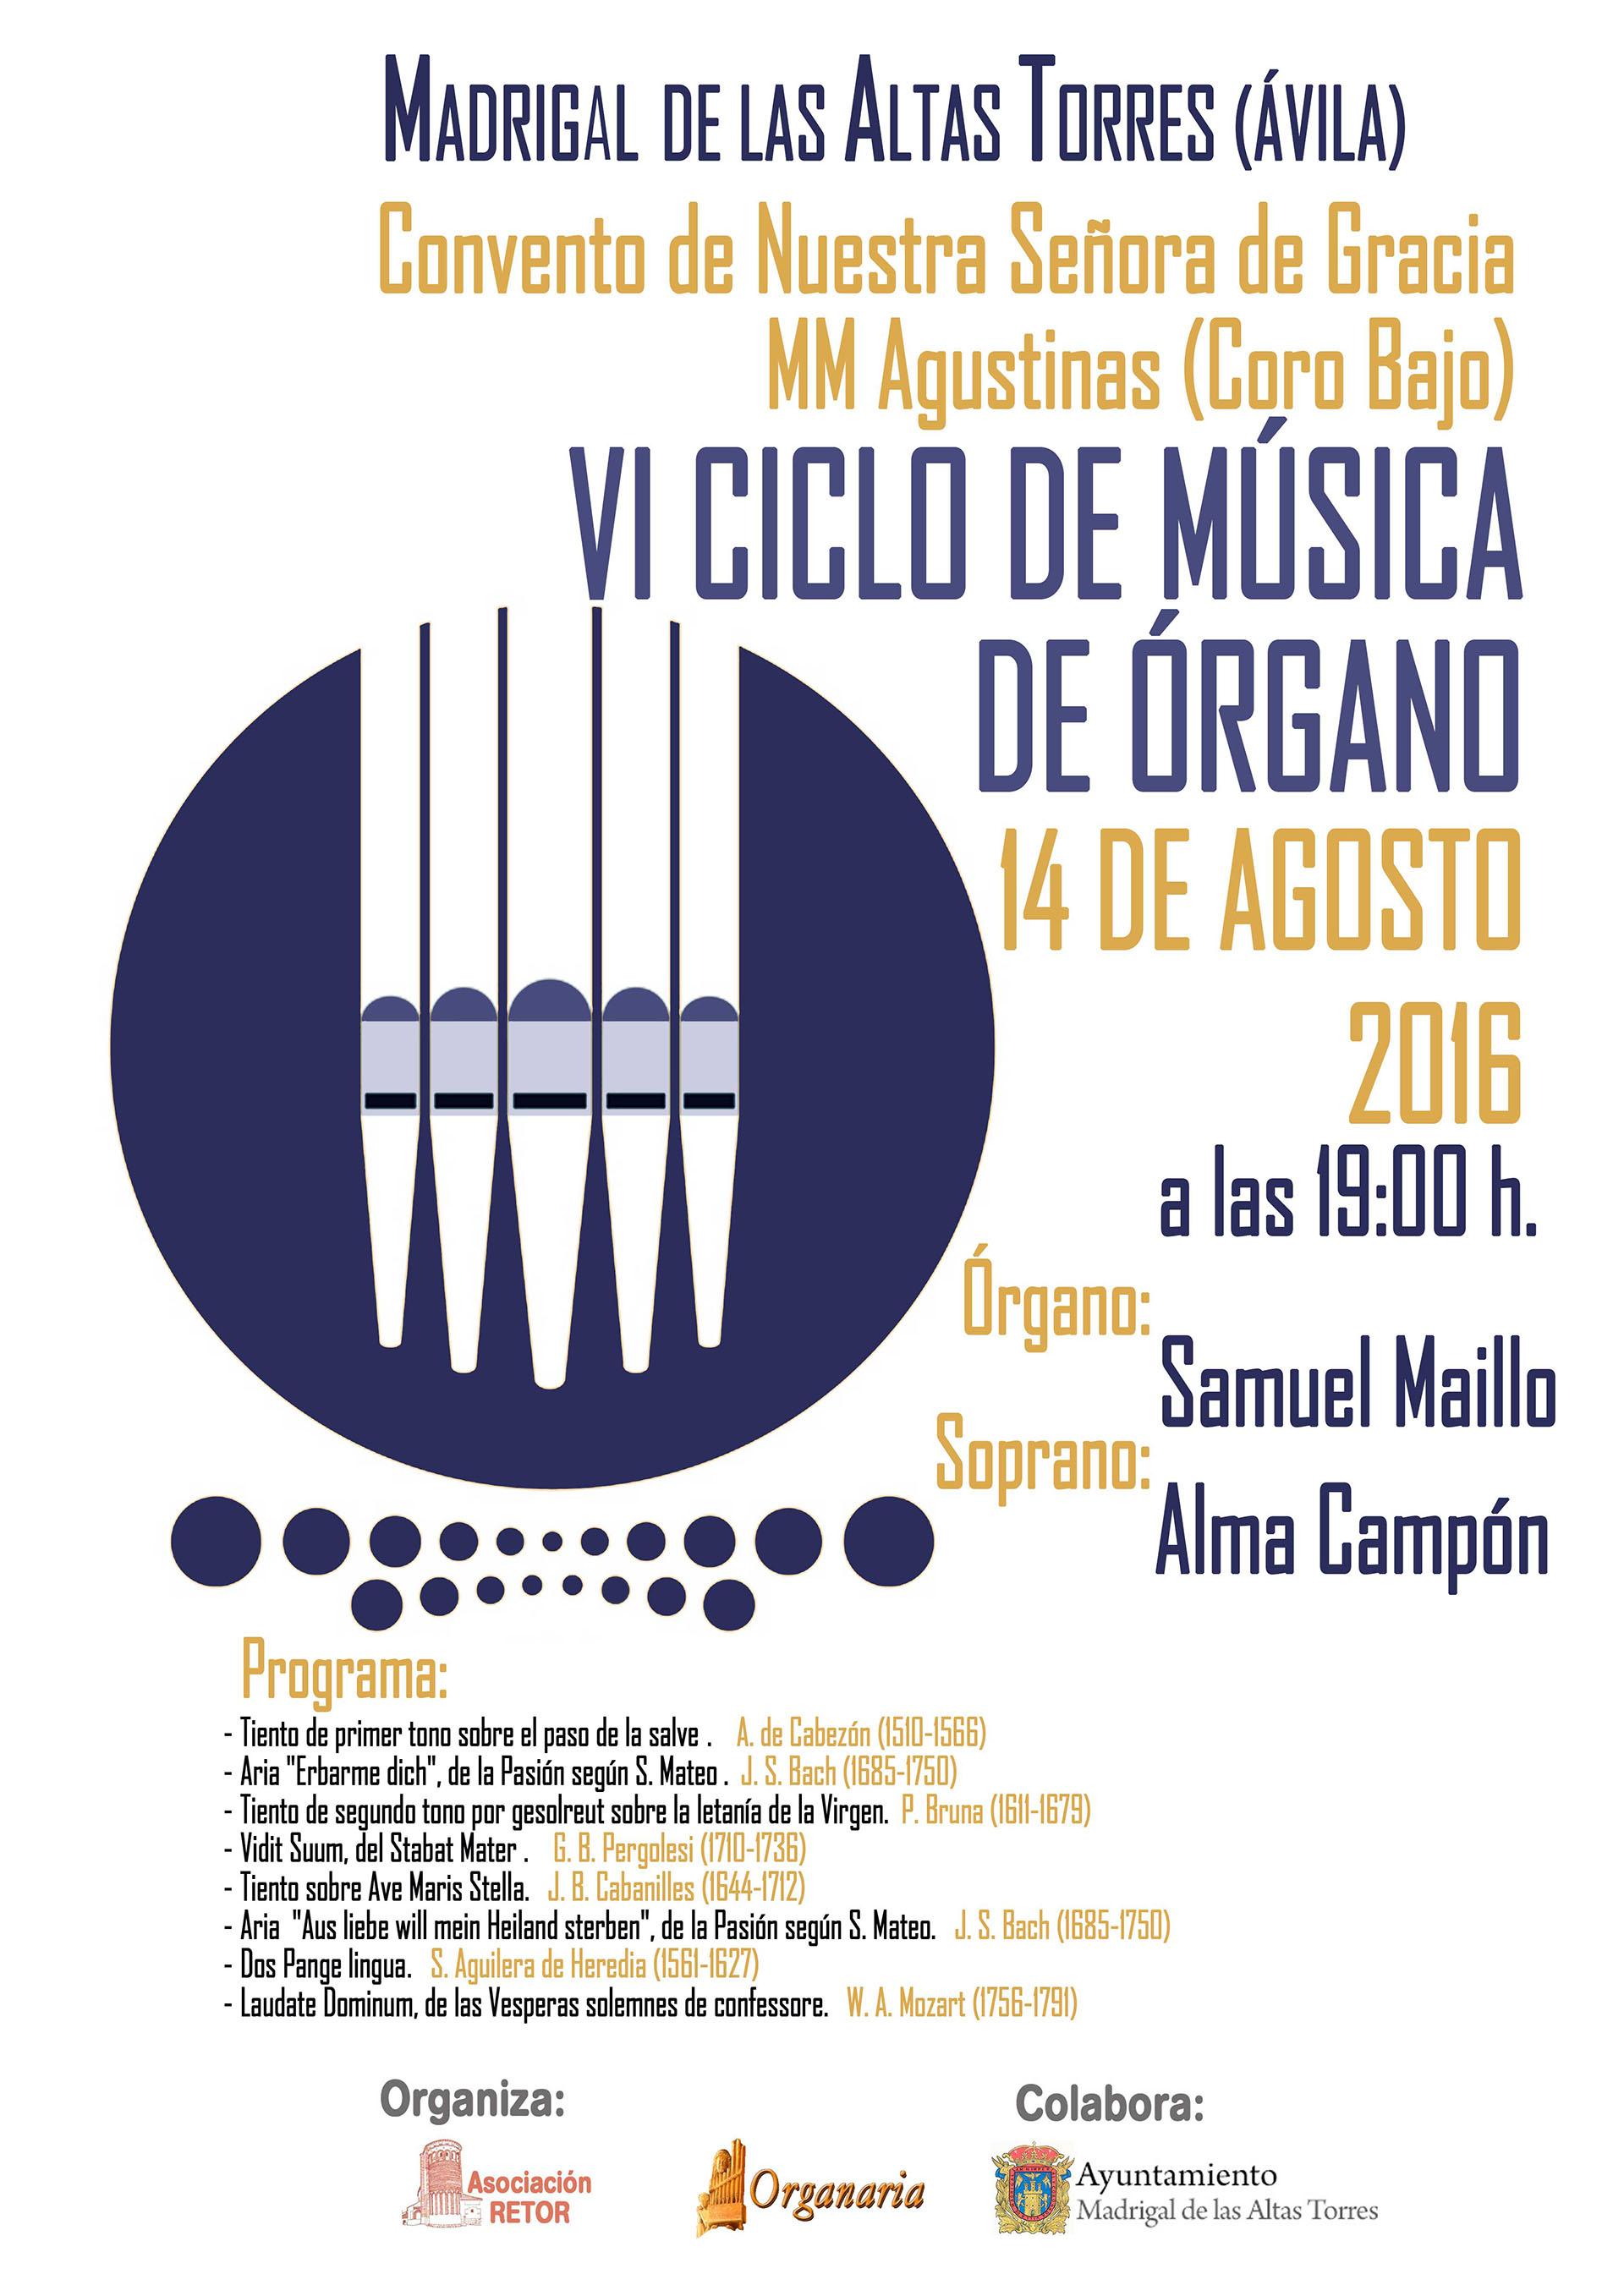 VIConciertoOrgano2016